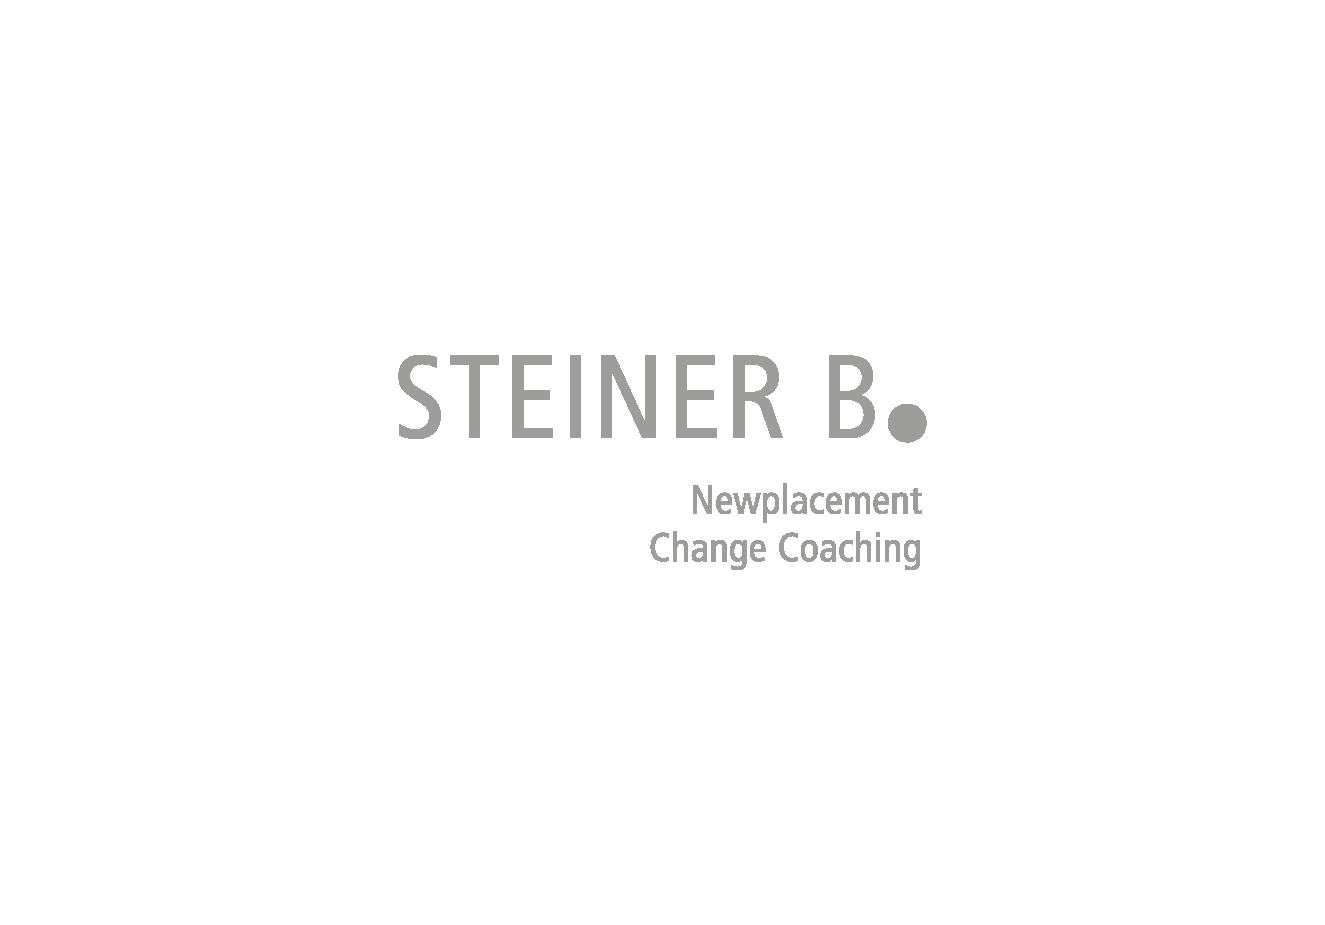 steinerb-sw